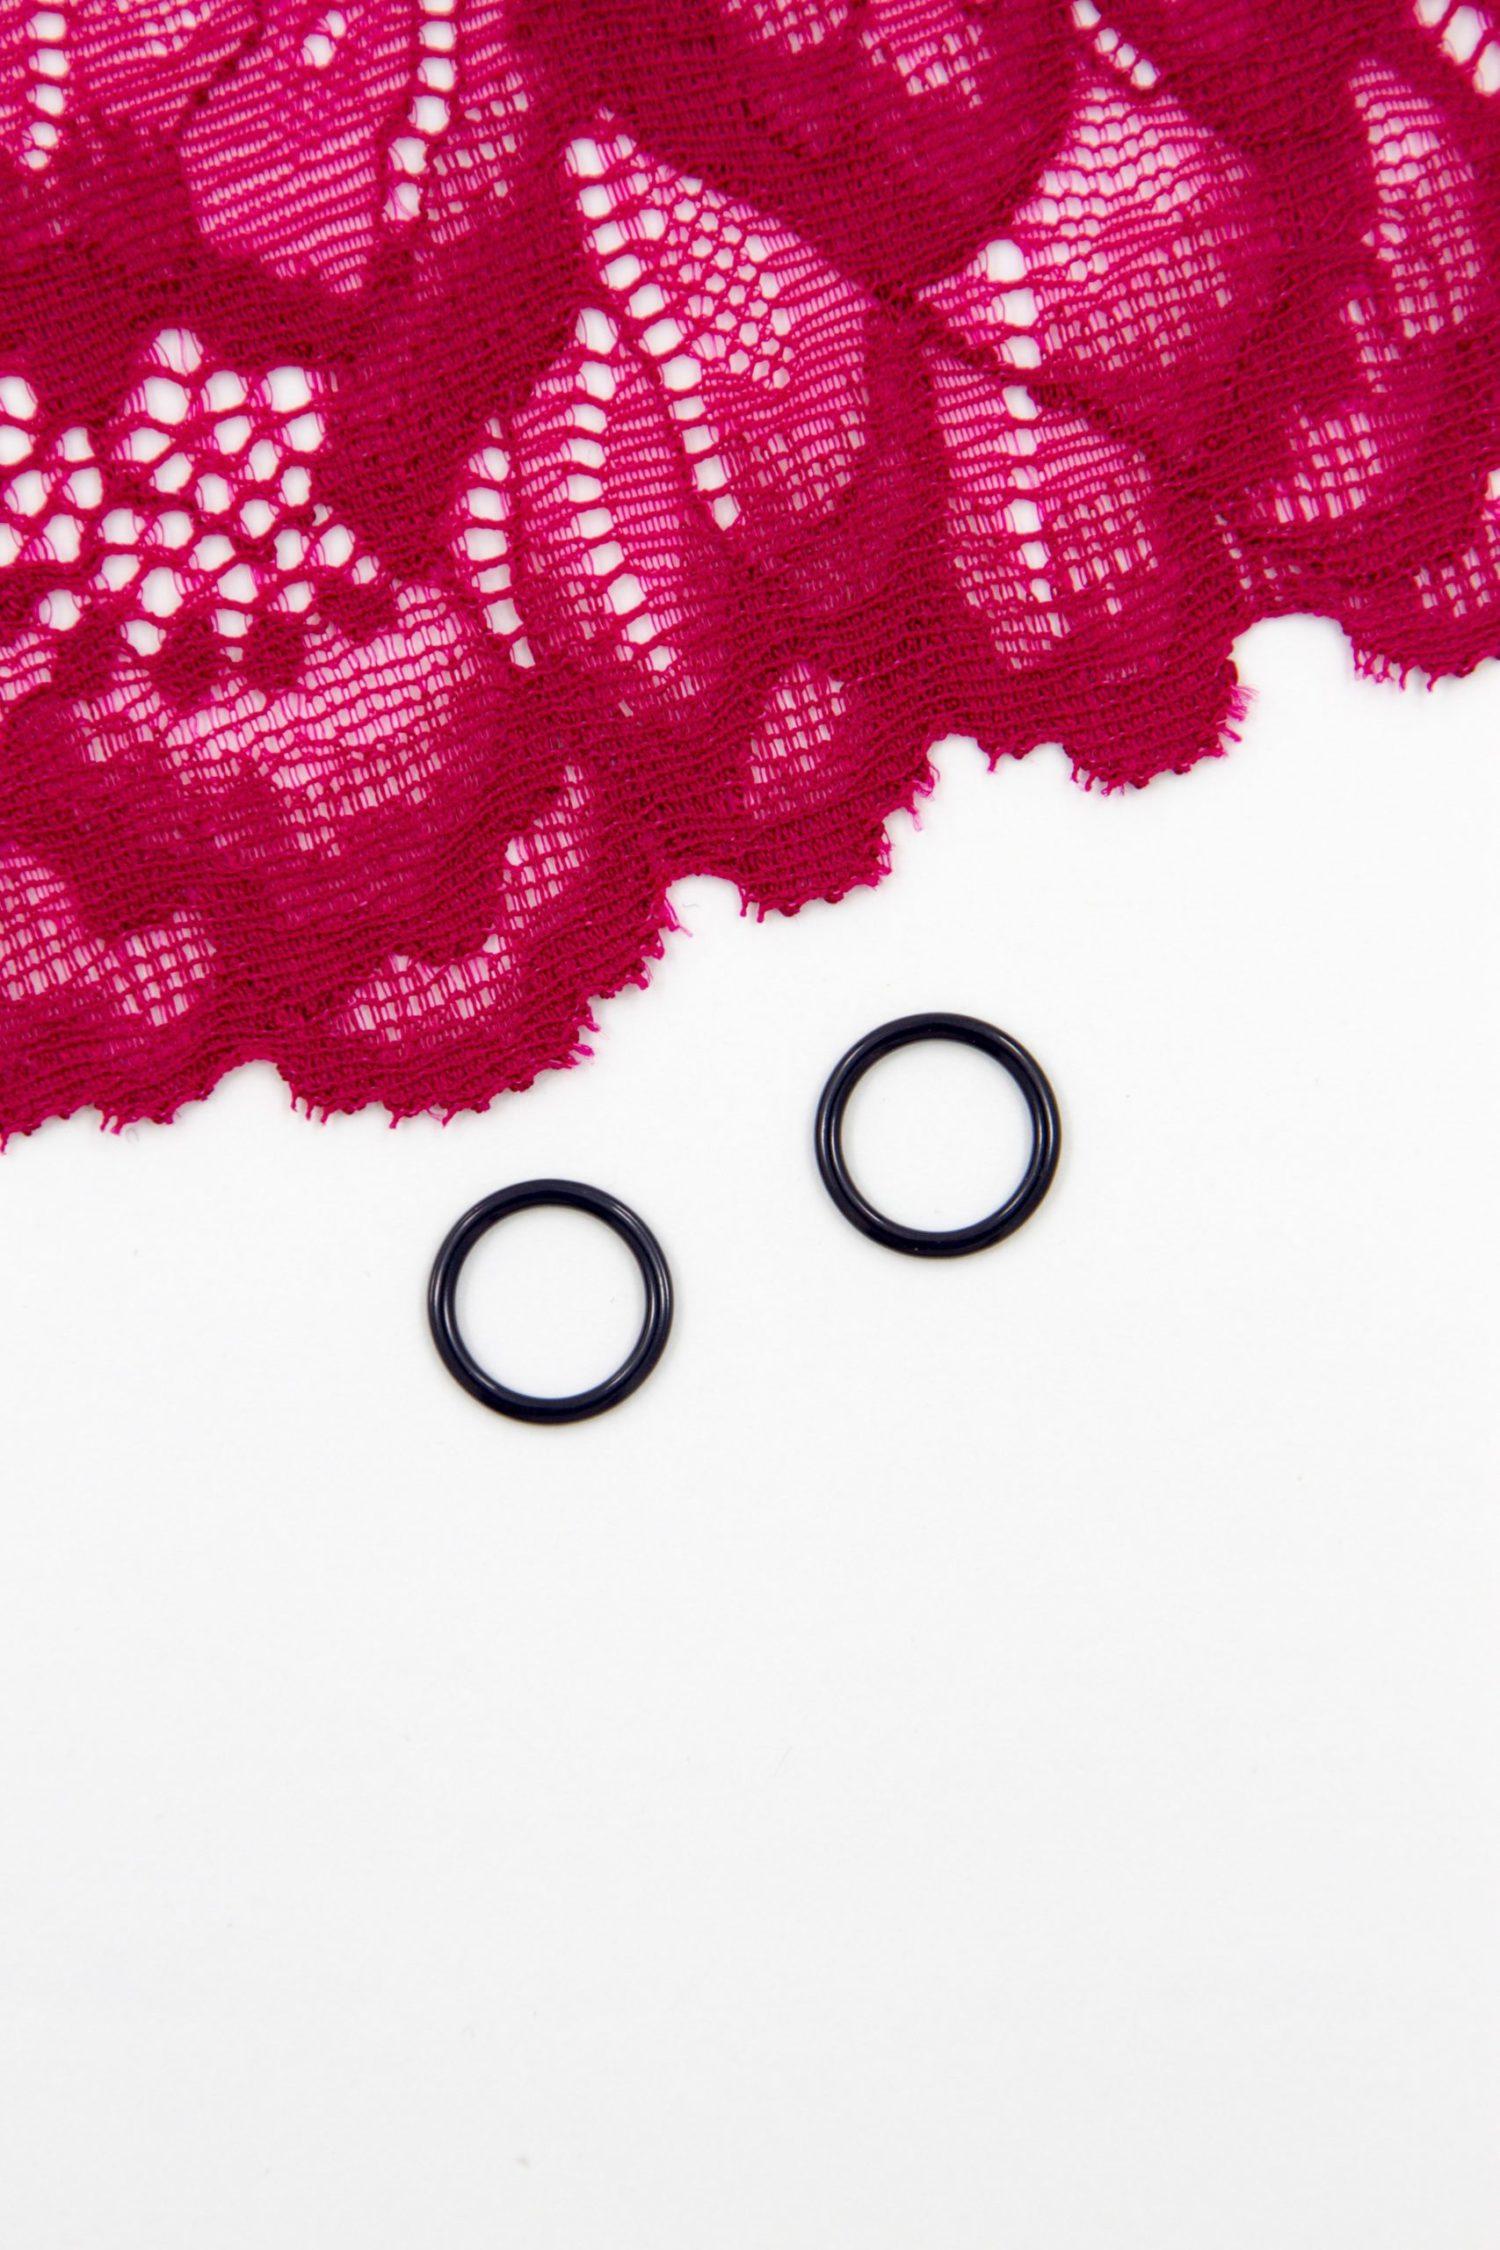 Кольцо металлическое бельевая фурнитура ∅1 см тёмно-синее